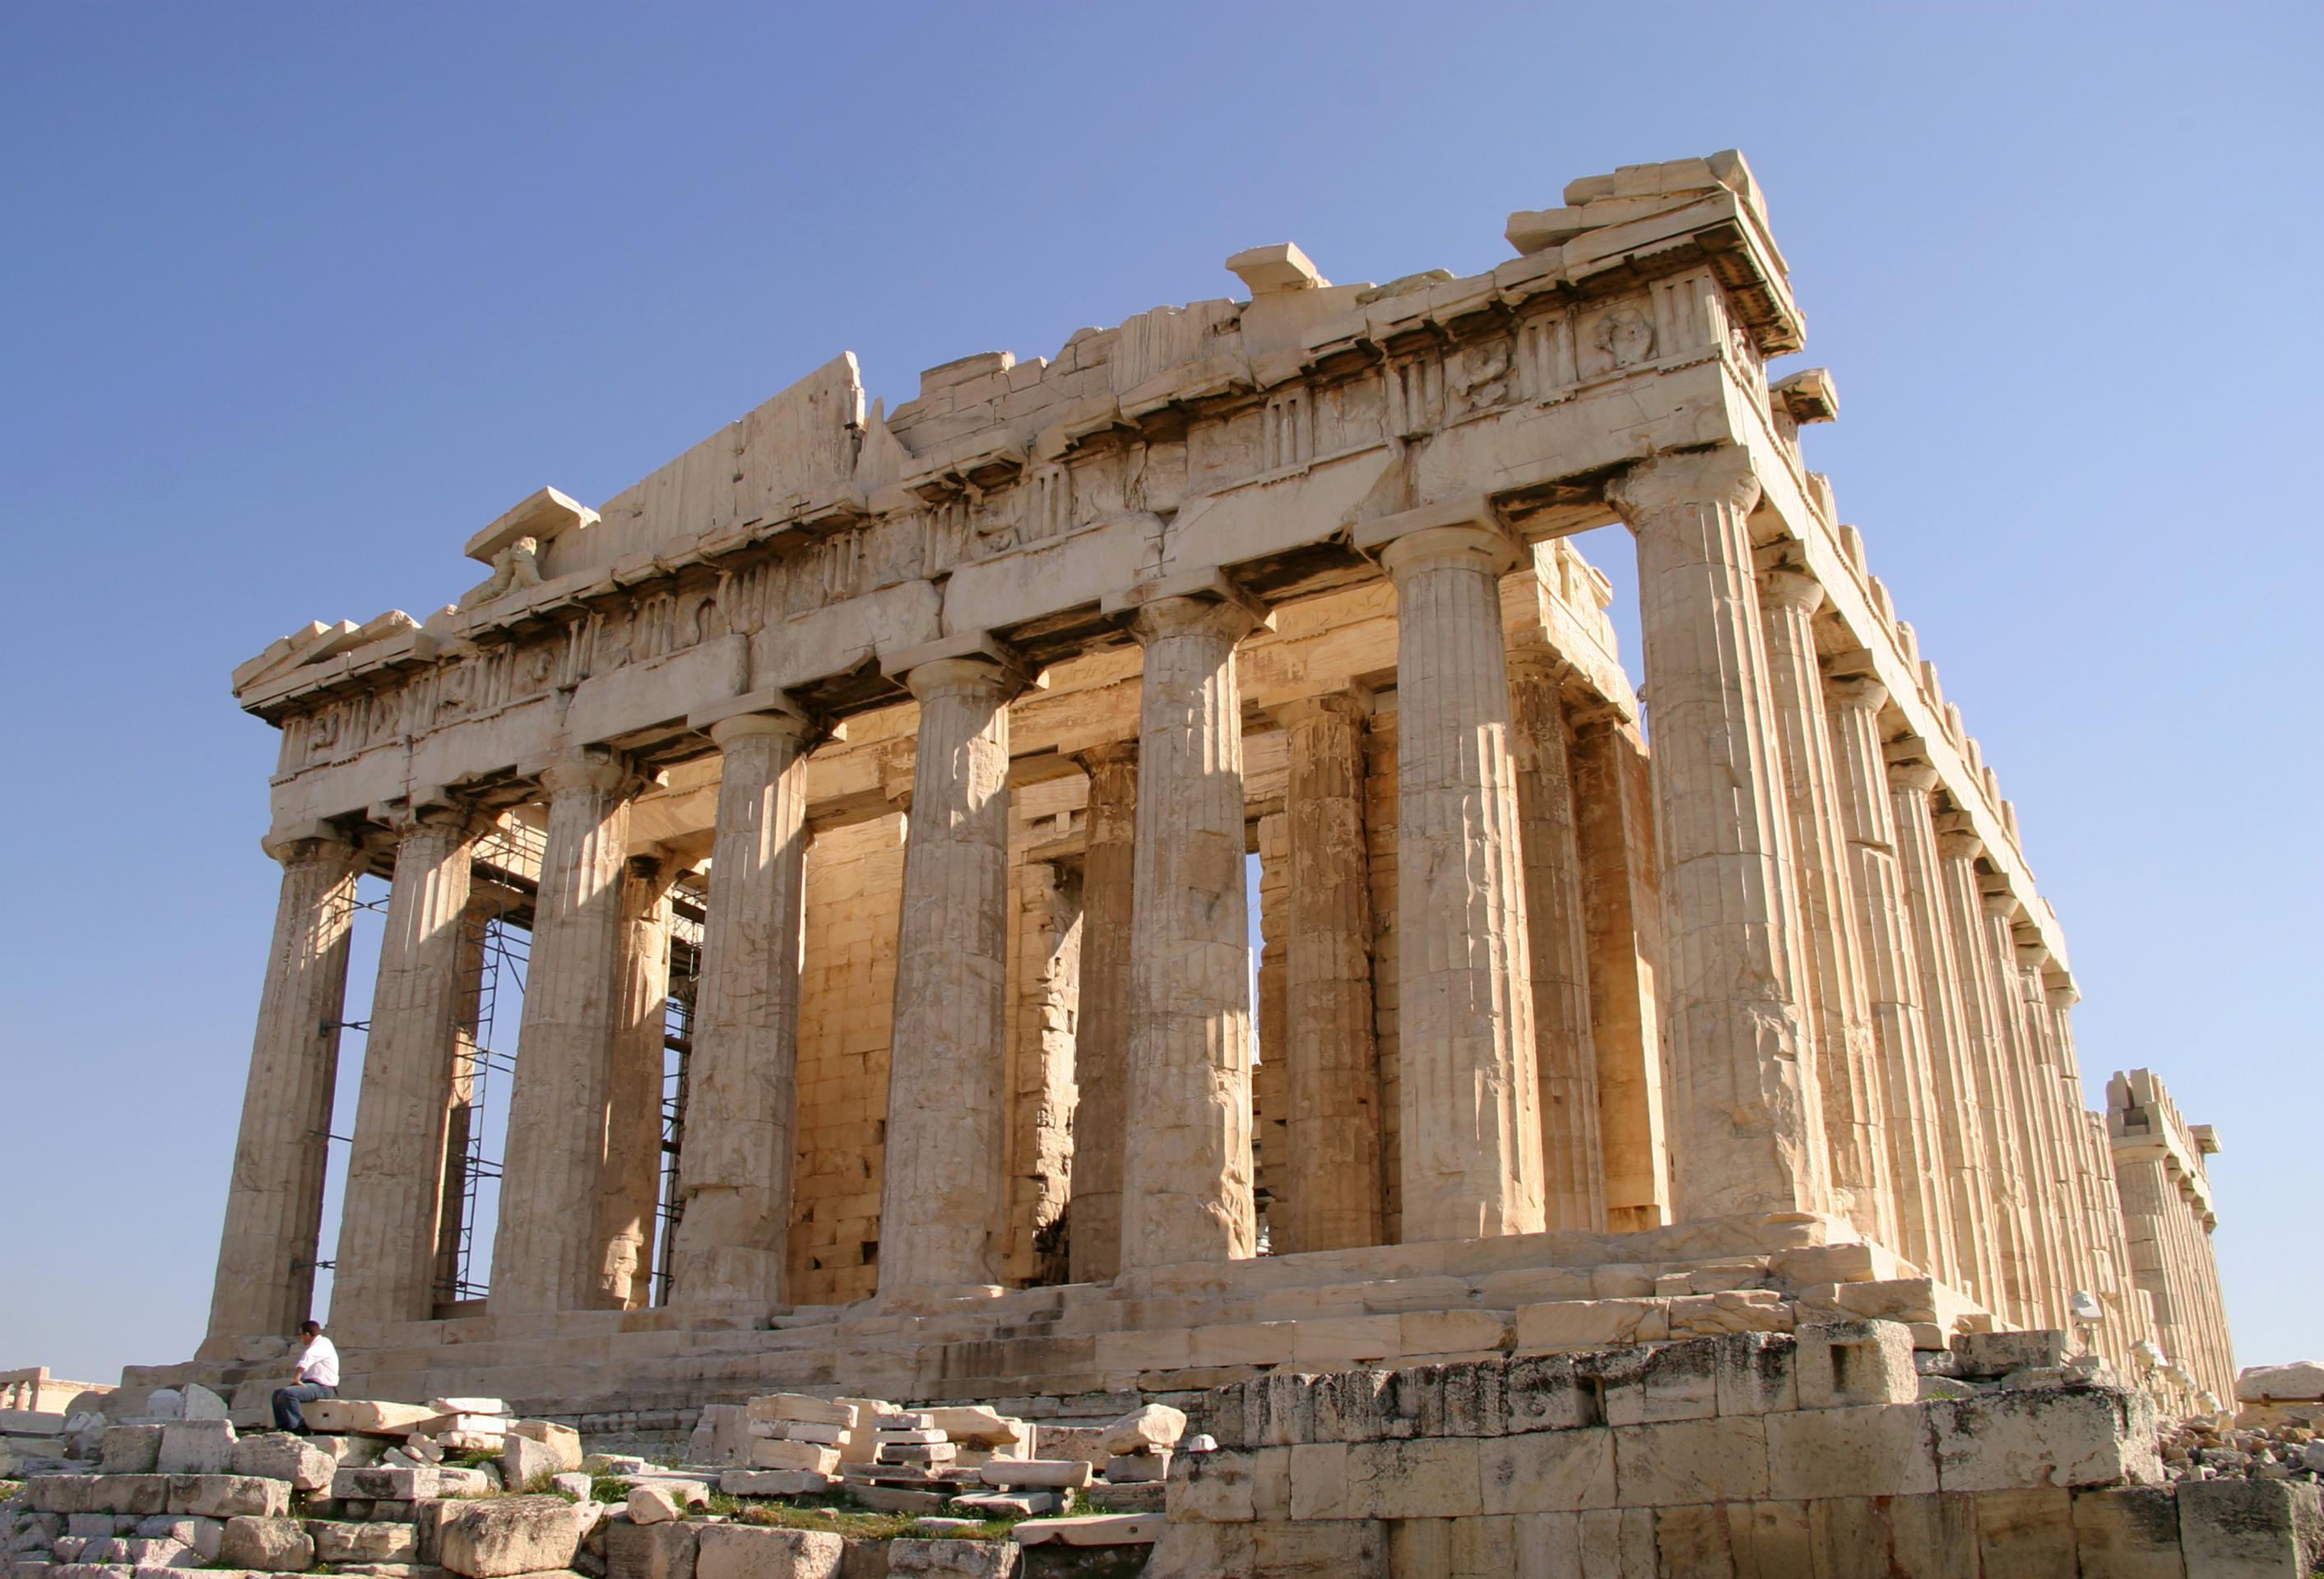 Tickets, museos, atracciones,Entradas para evitar colas,Entradas a atracciones principales,Acrópolis,Con tour por Atenas